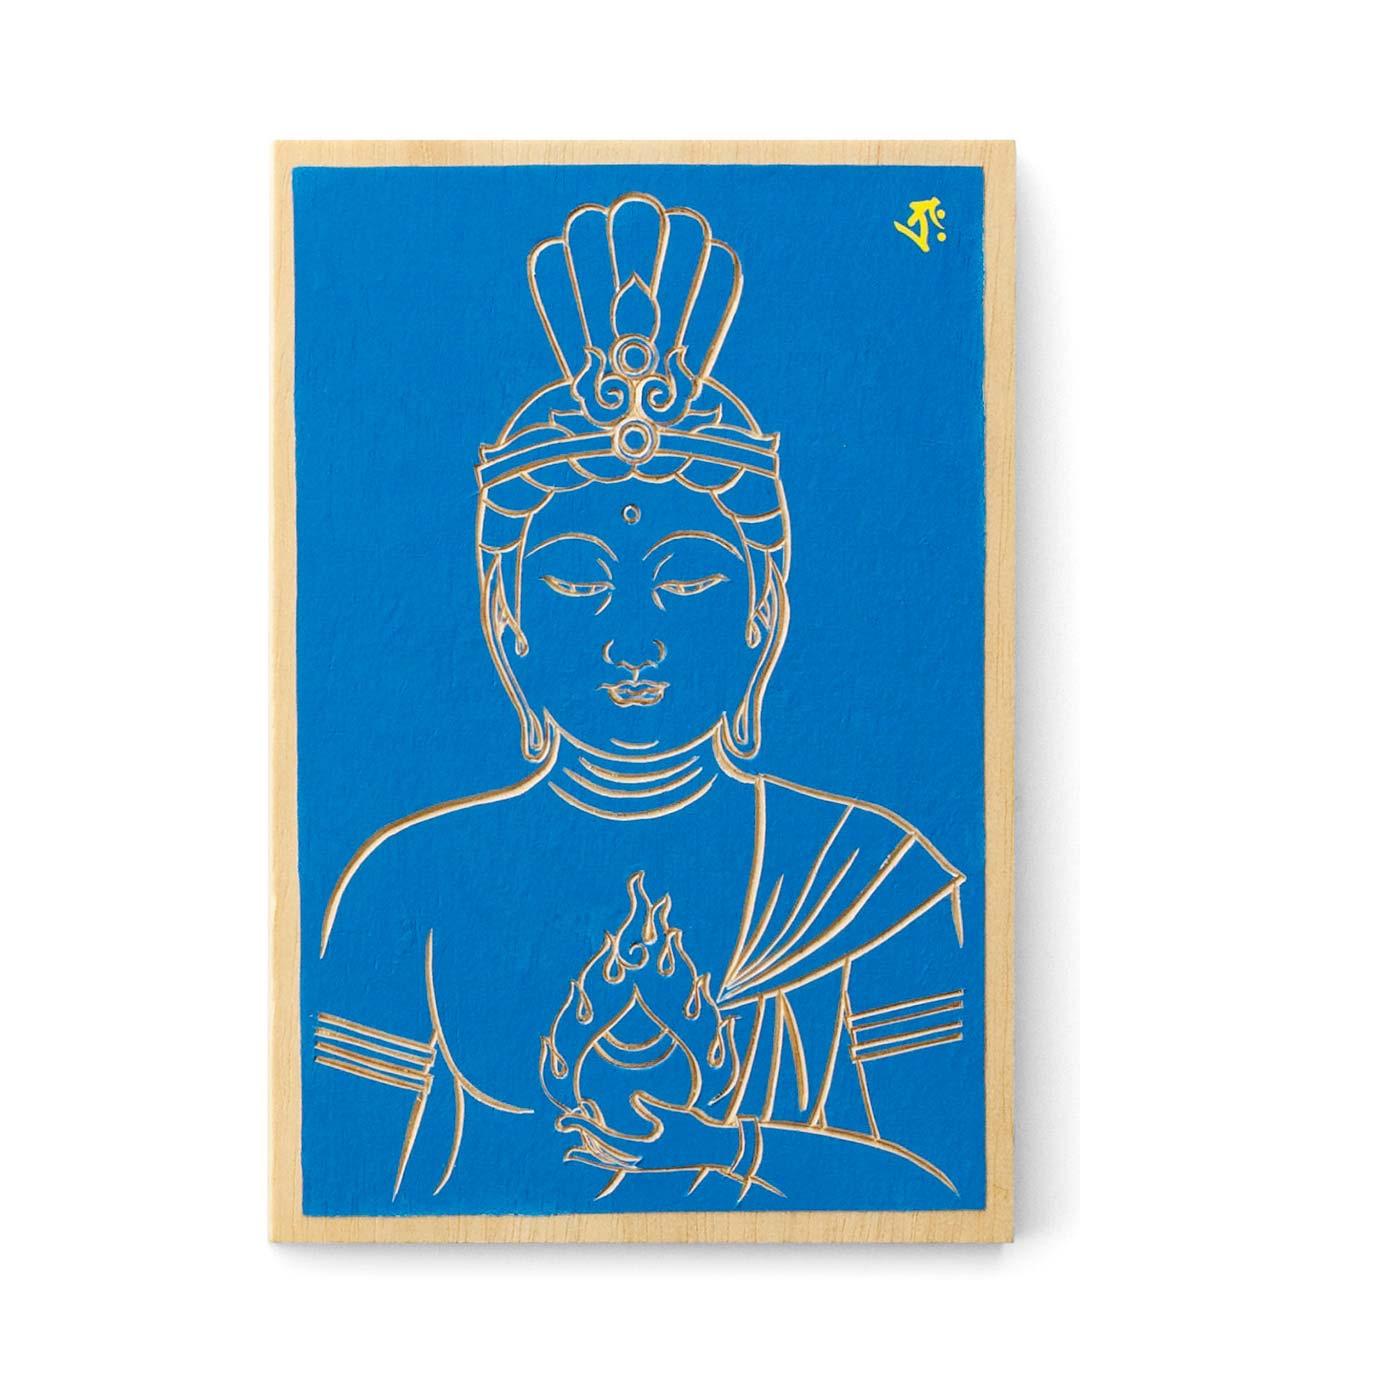 """八体の仏さまが守る方位を""""五大要素""""の色でそれぞれ表現。一文字で仏さまを表す梵字入り"""